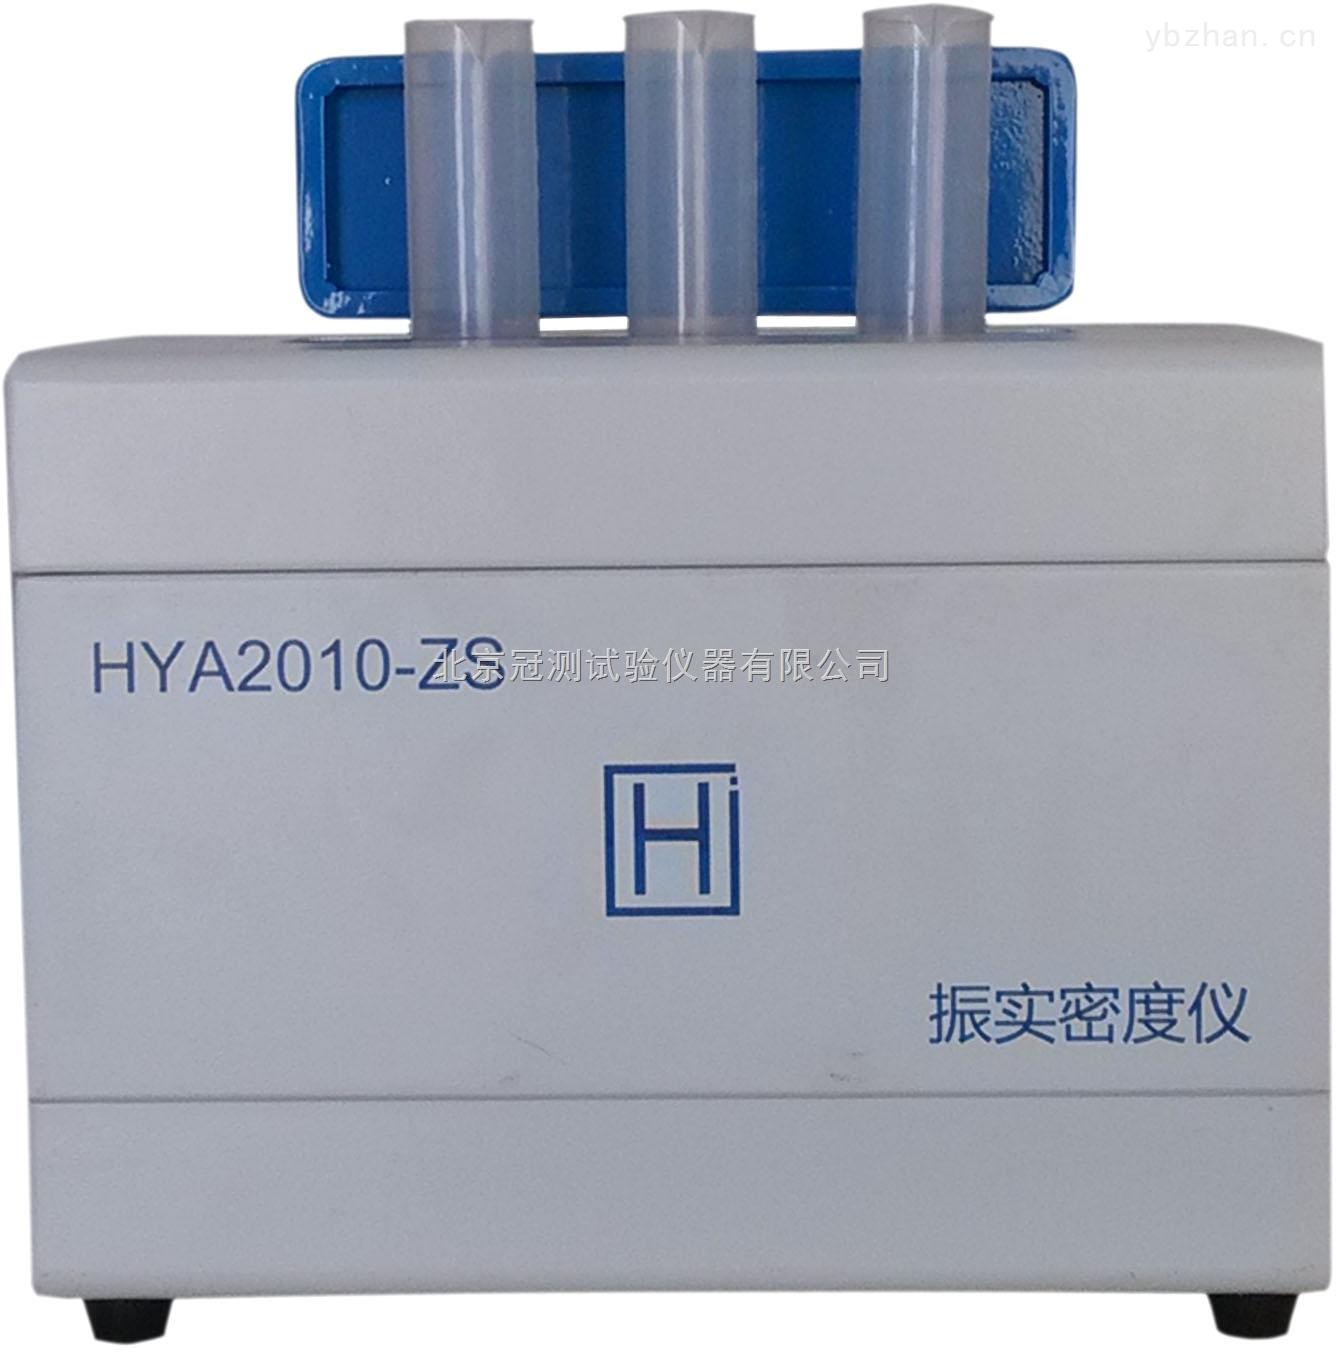 HYA2010-ZS3-粉体压实密度